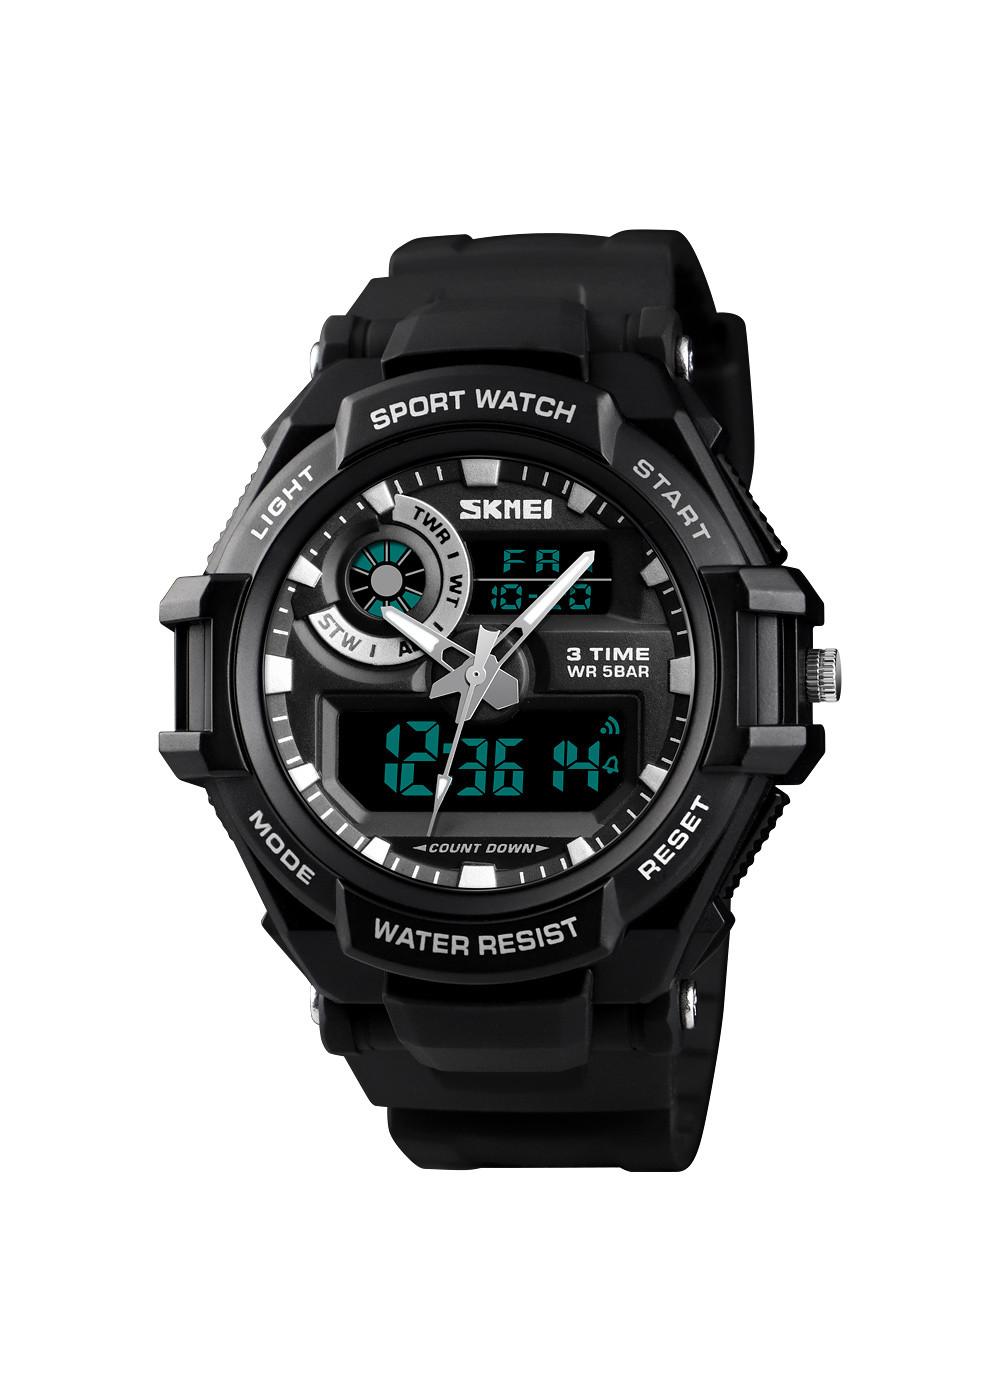 Đồng hồ điện tử thể thao nam SKMEI SK60 3 Times chống nước, bơi lội thoải mái